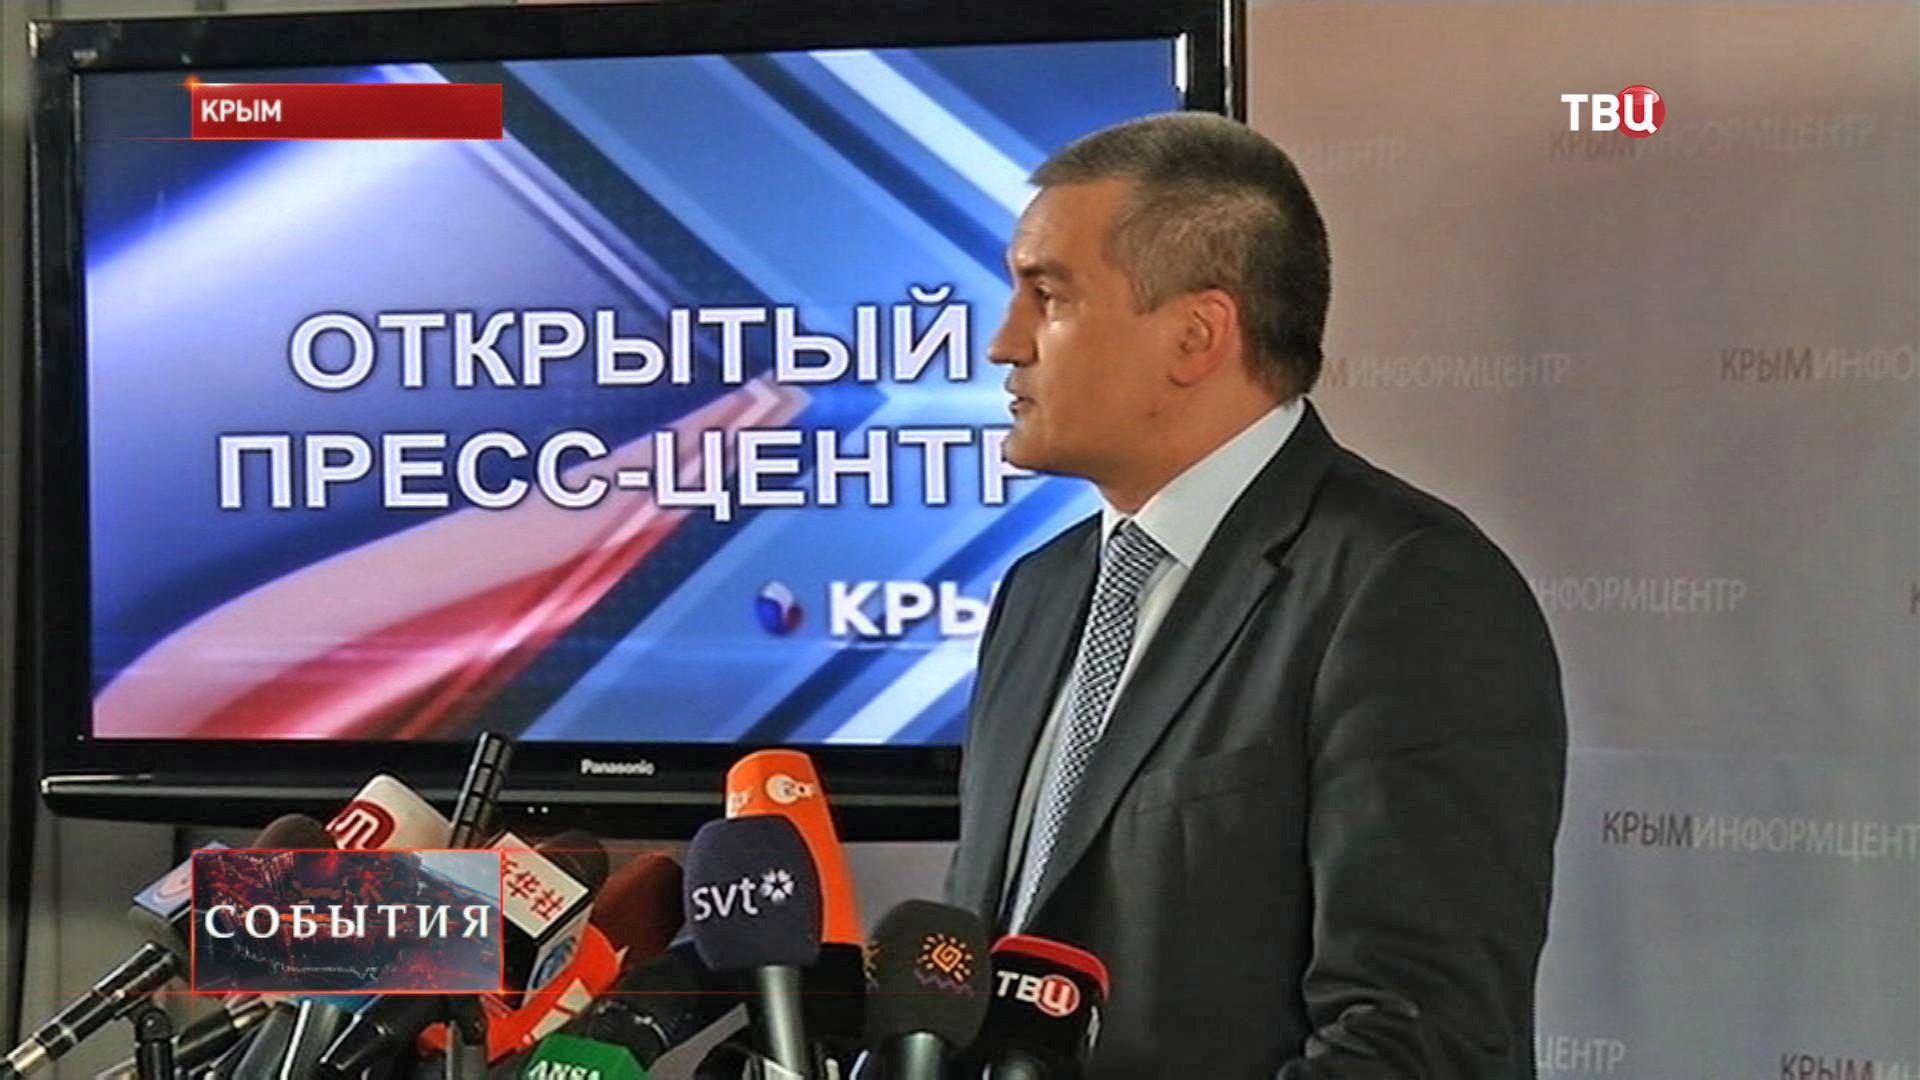 Сергей Аксенов на пресс-конференции в Крыму